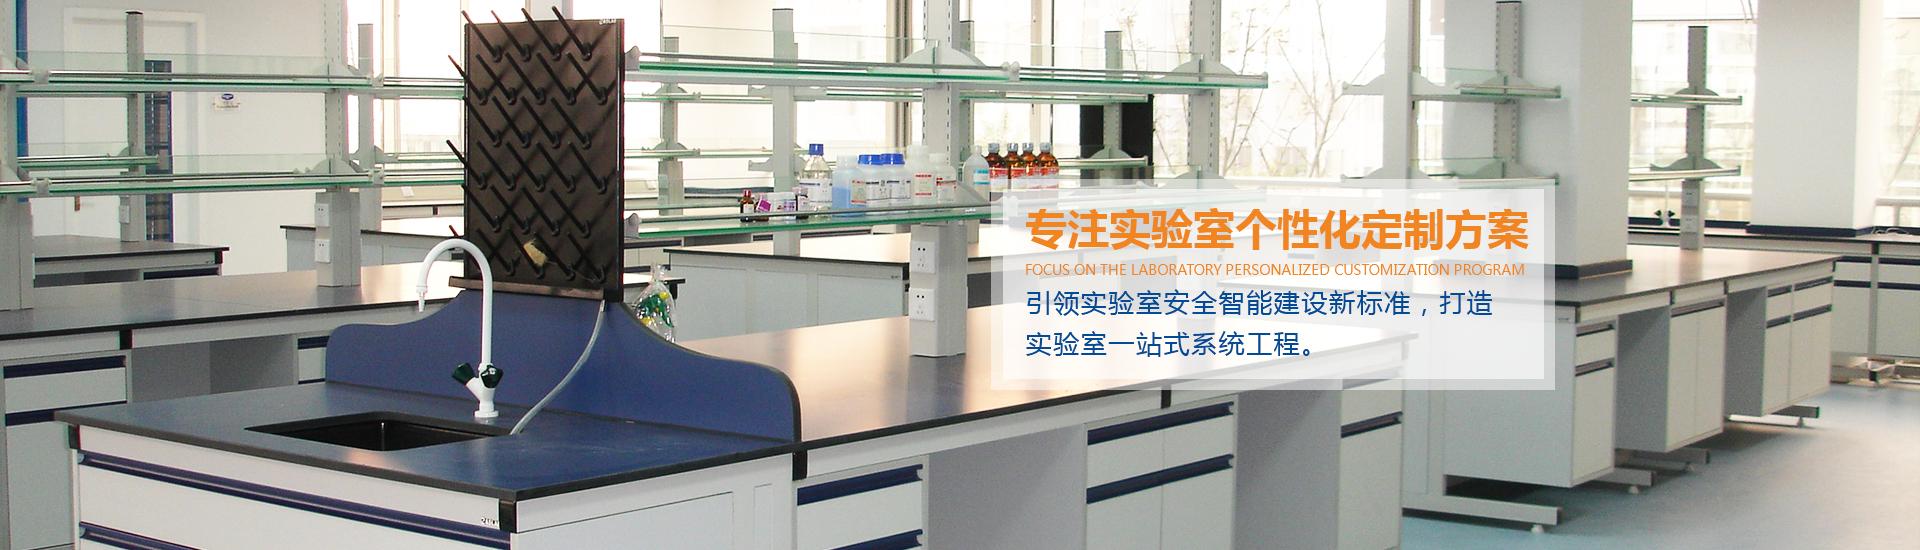 武汉实验家具公司